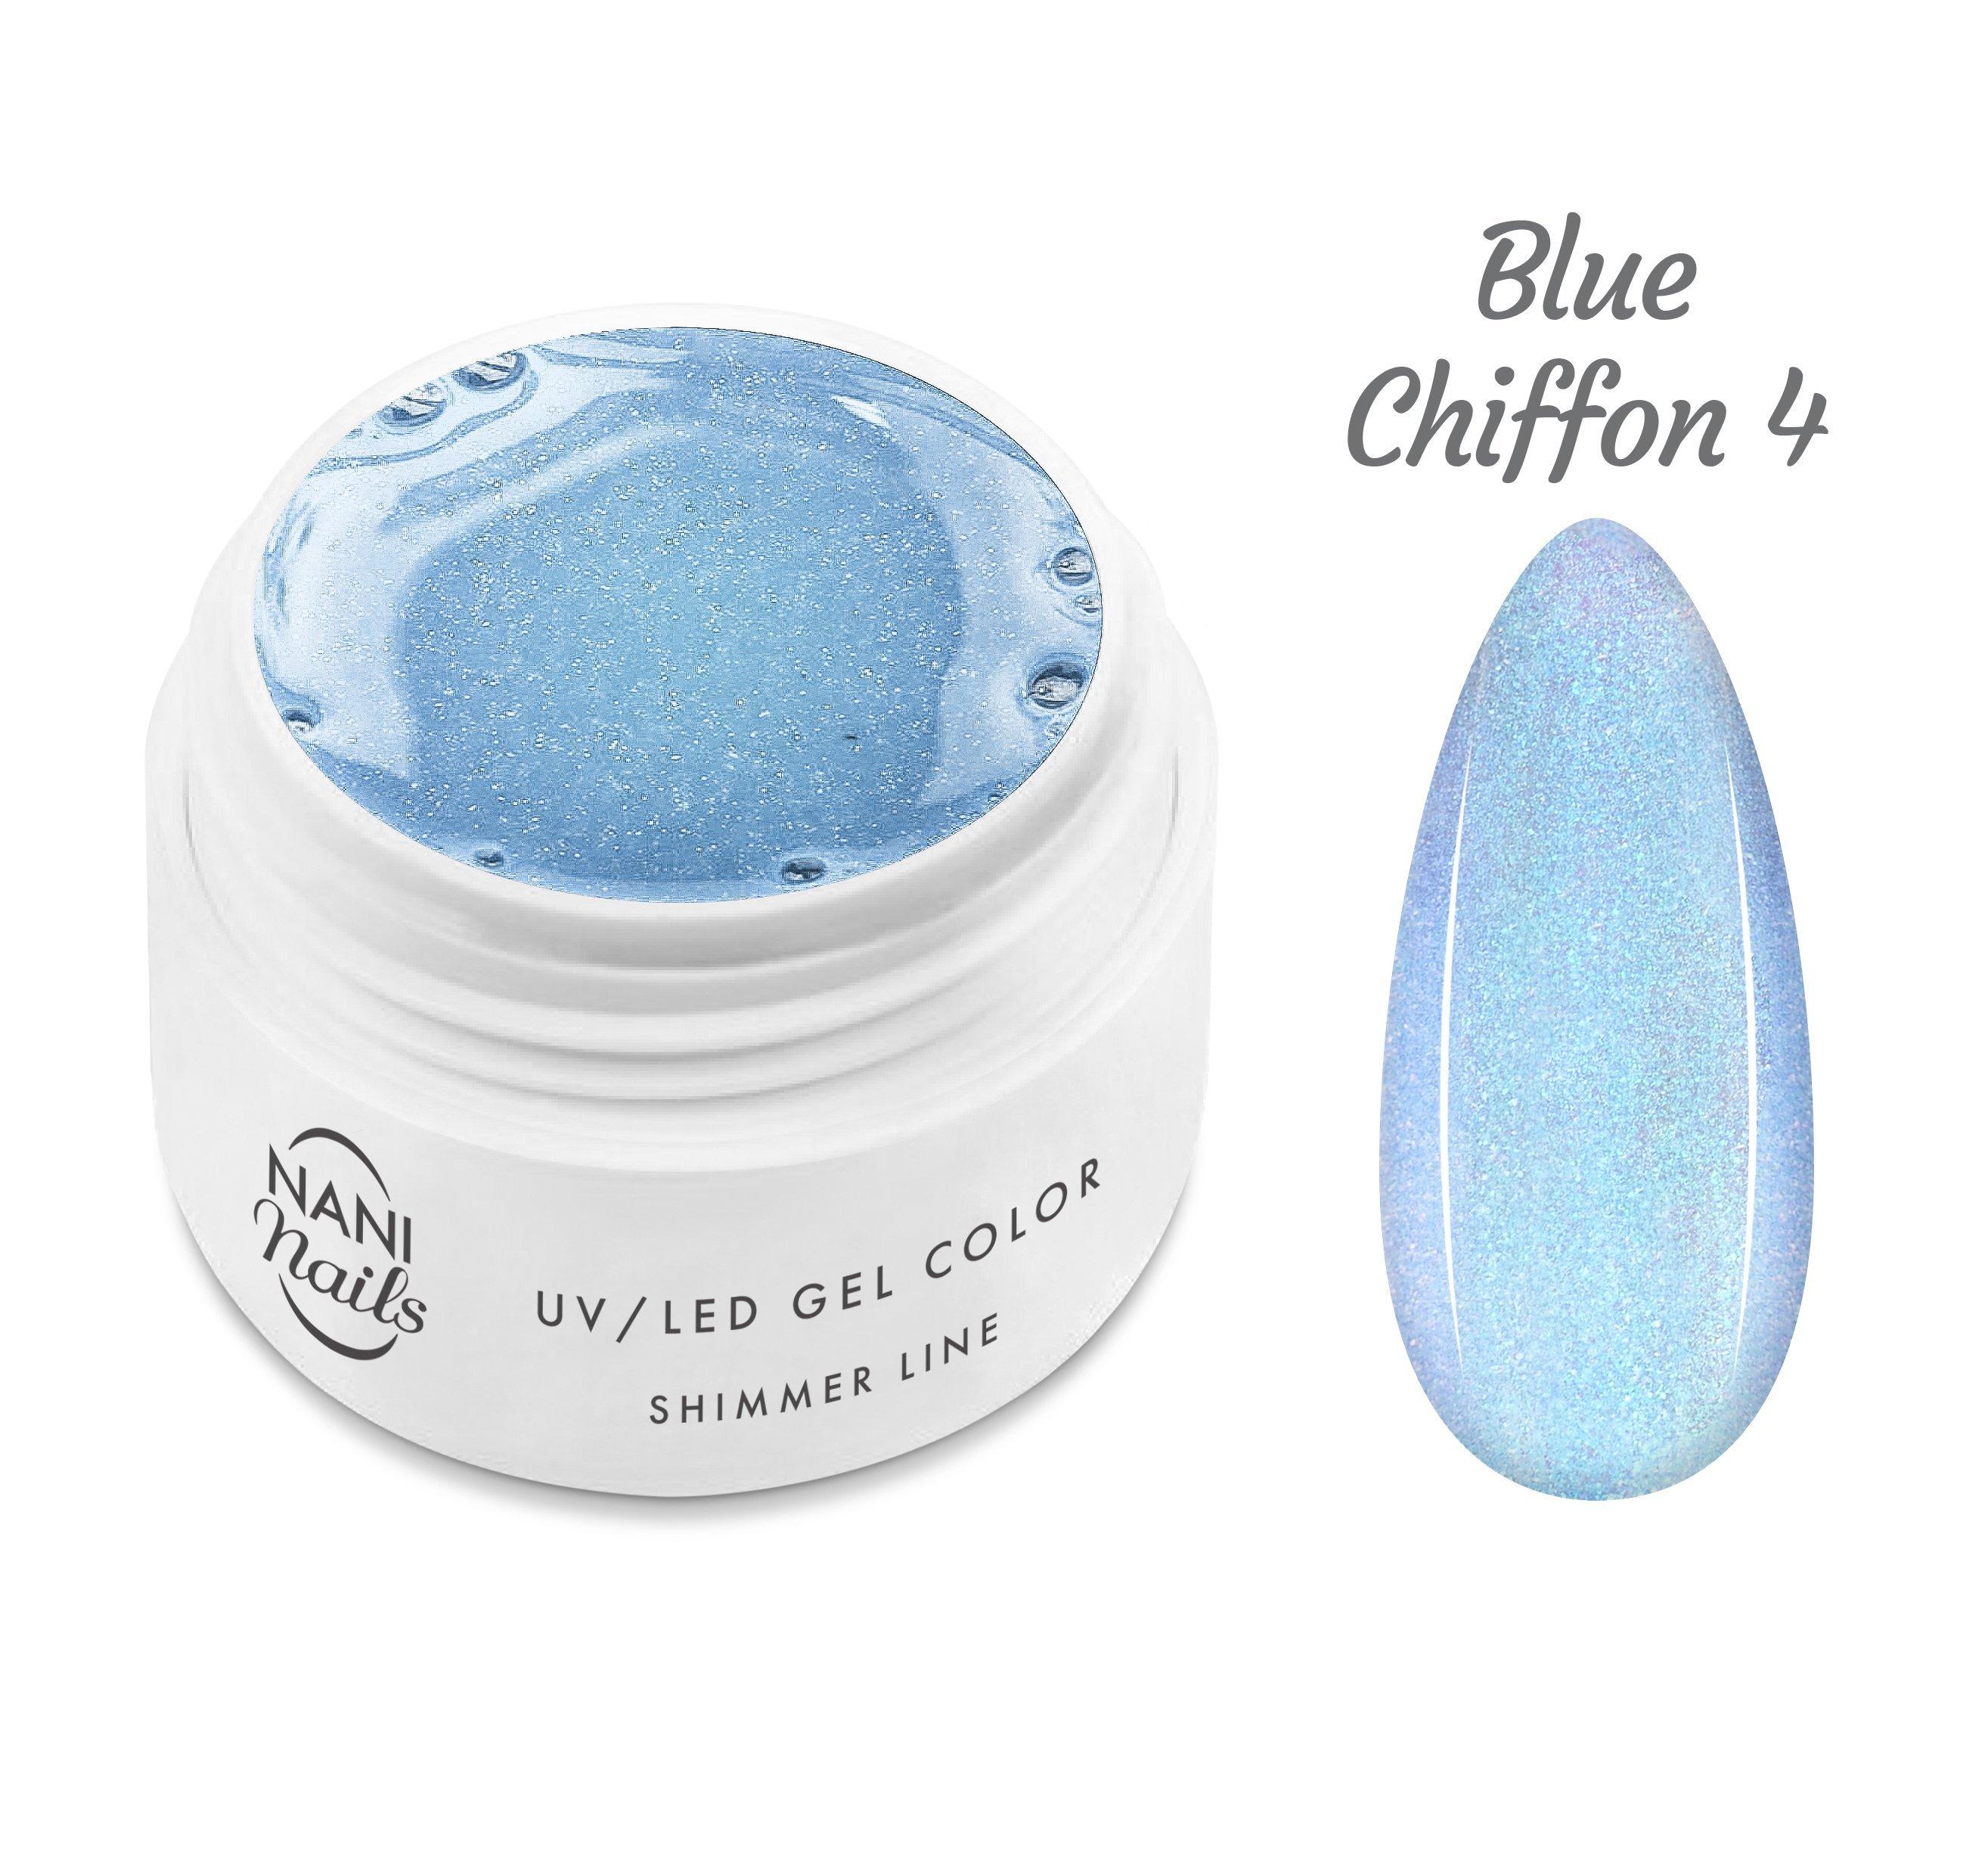 NANI UV gél Shimmer Line 5 ml - Blue Chiffon